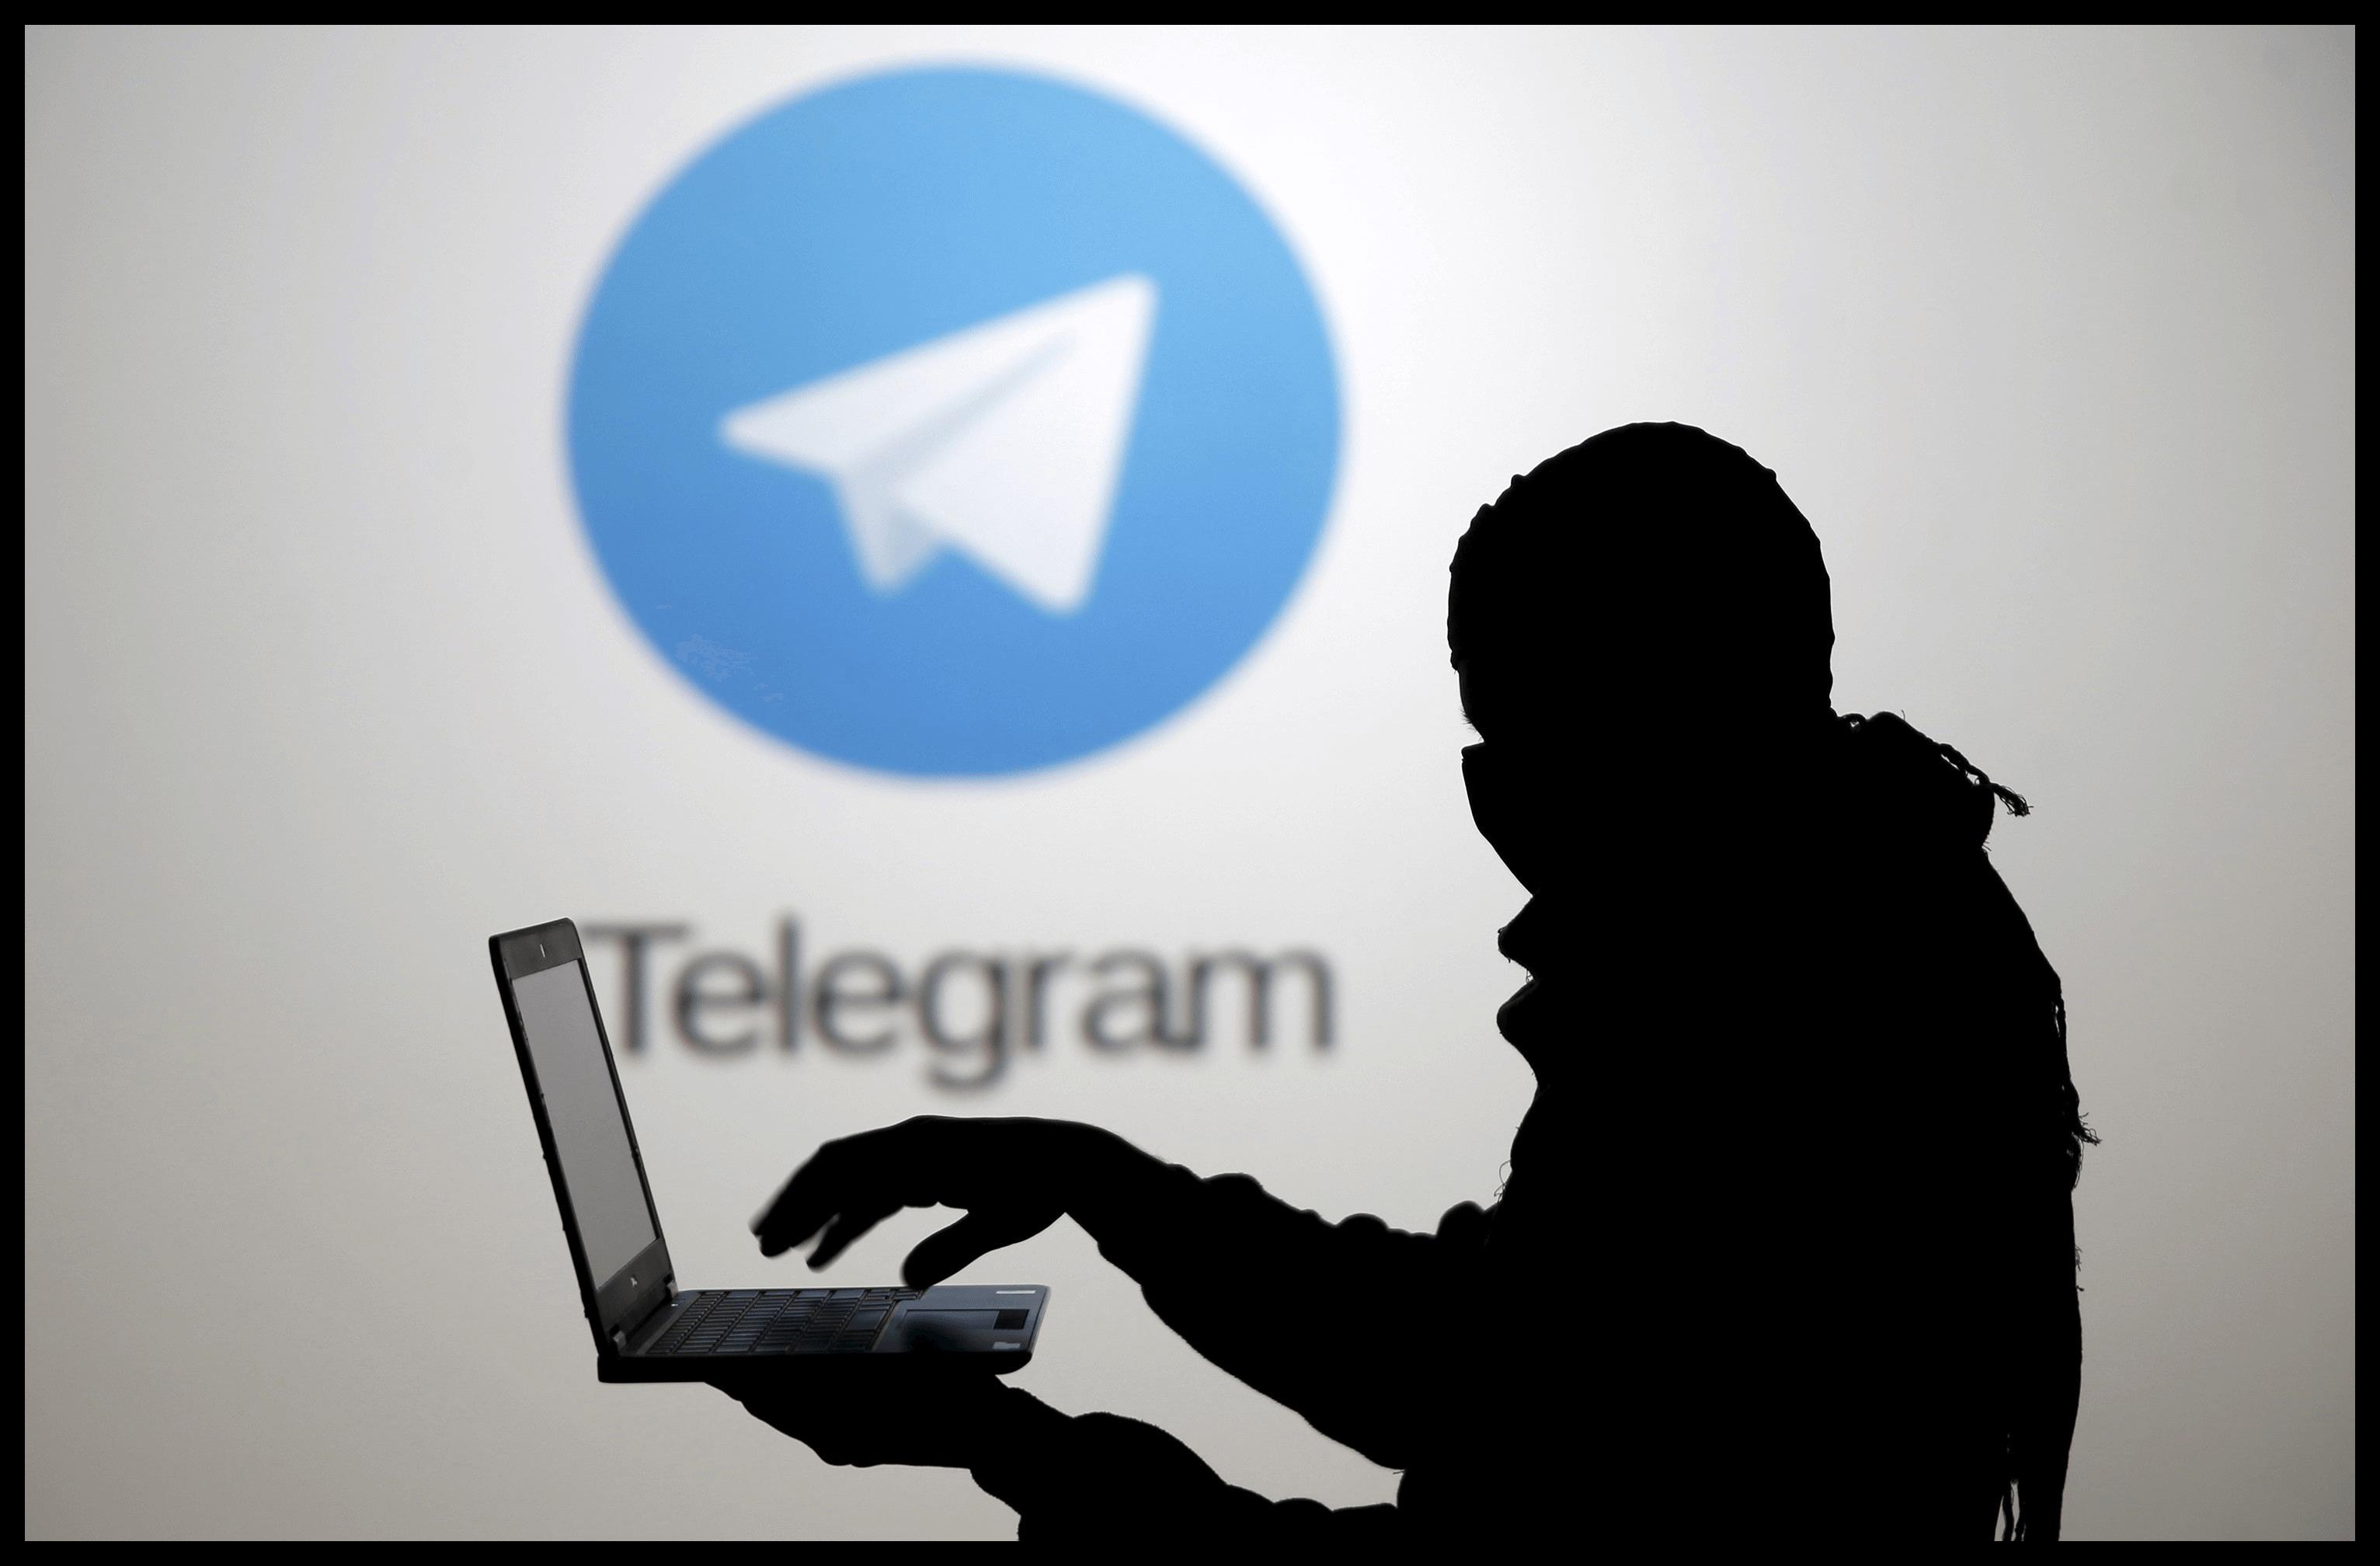 Силуэт человека на фоте логотипа Telegram